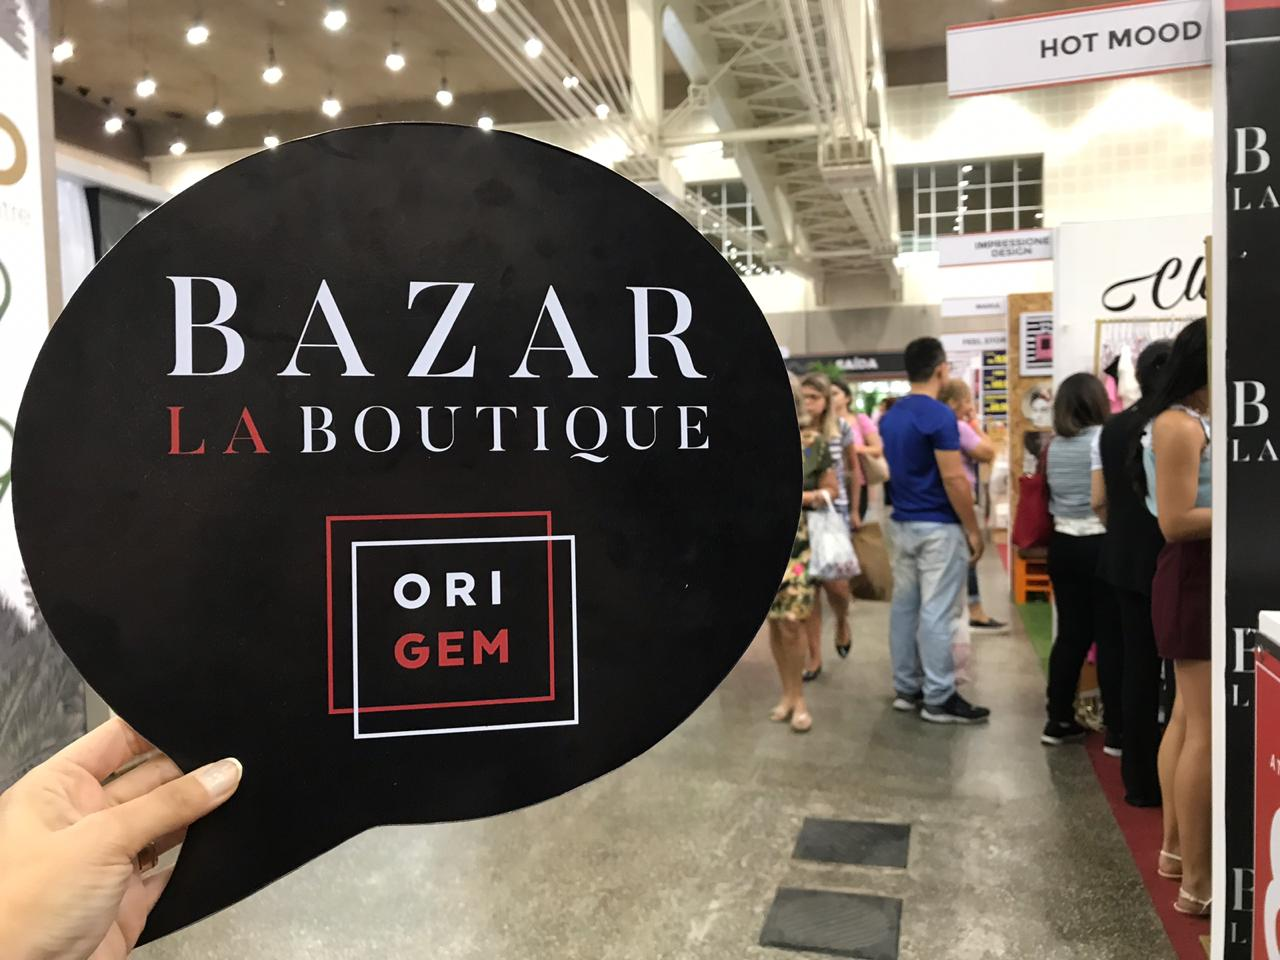 bazar la boutique origem 02